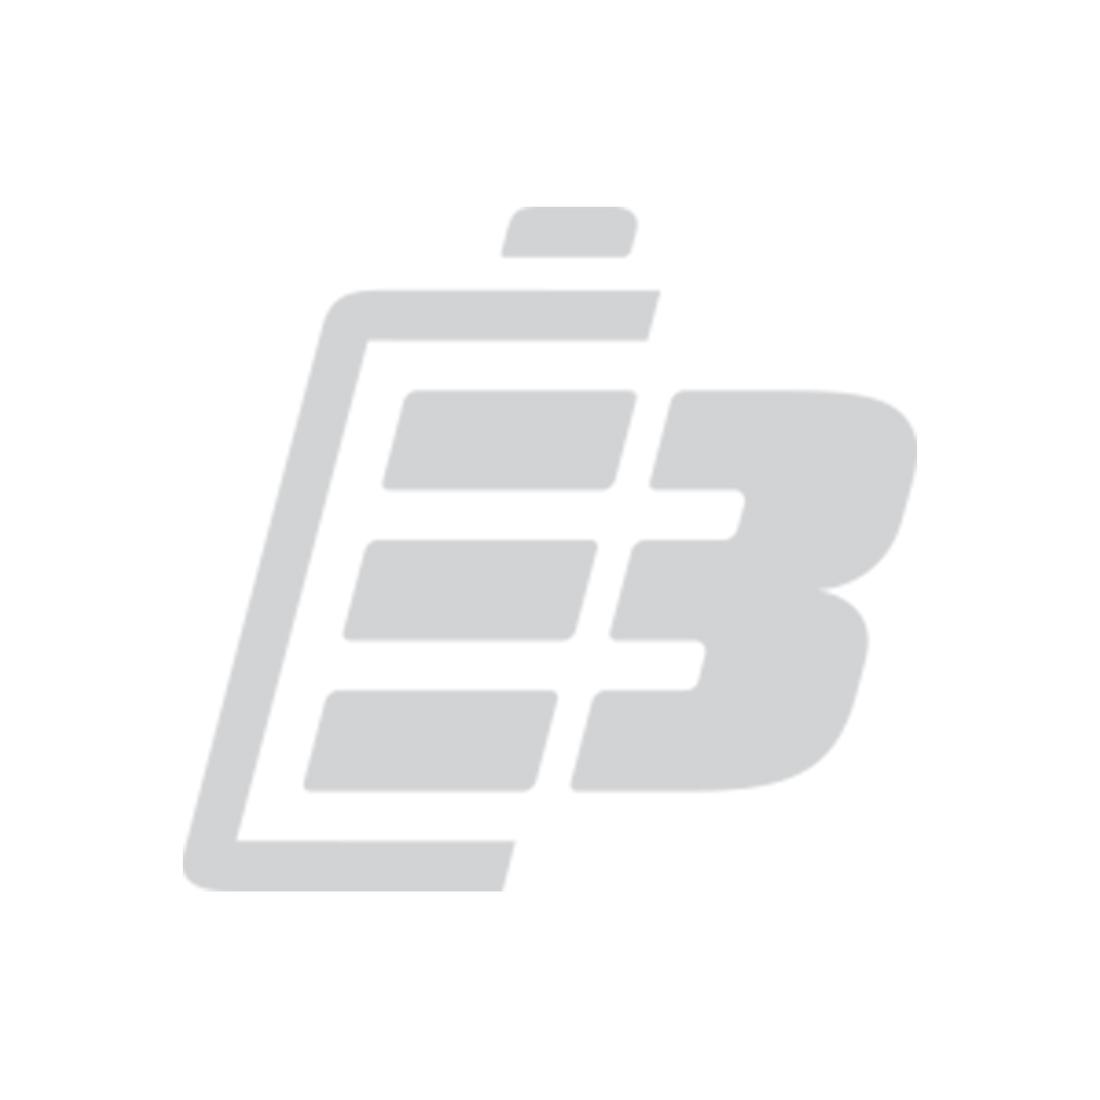 Μπαταρία smartphone Zopo ZP980_1